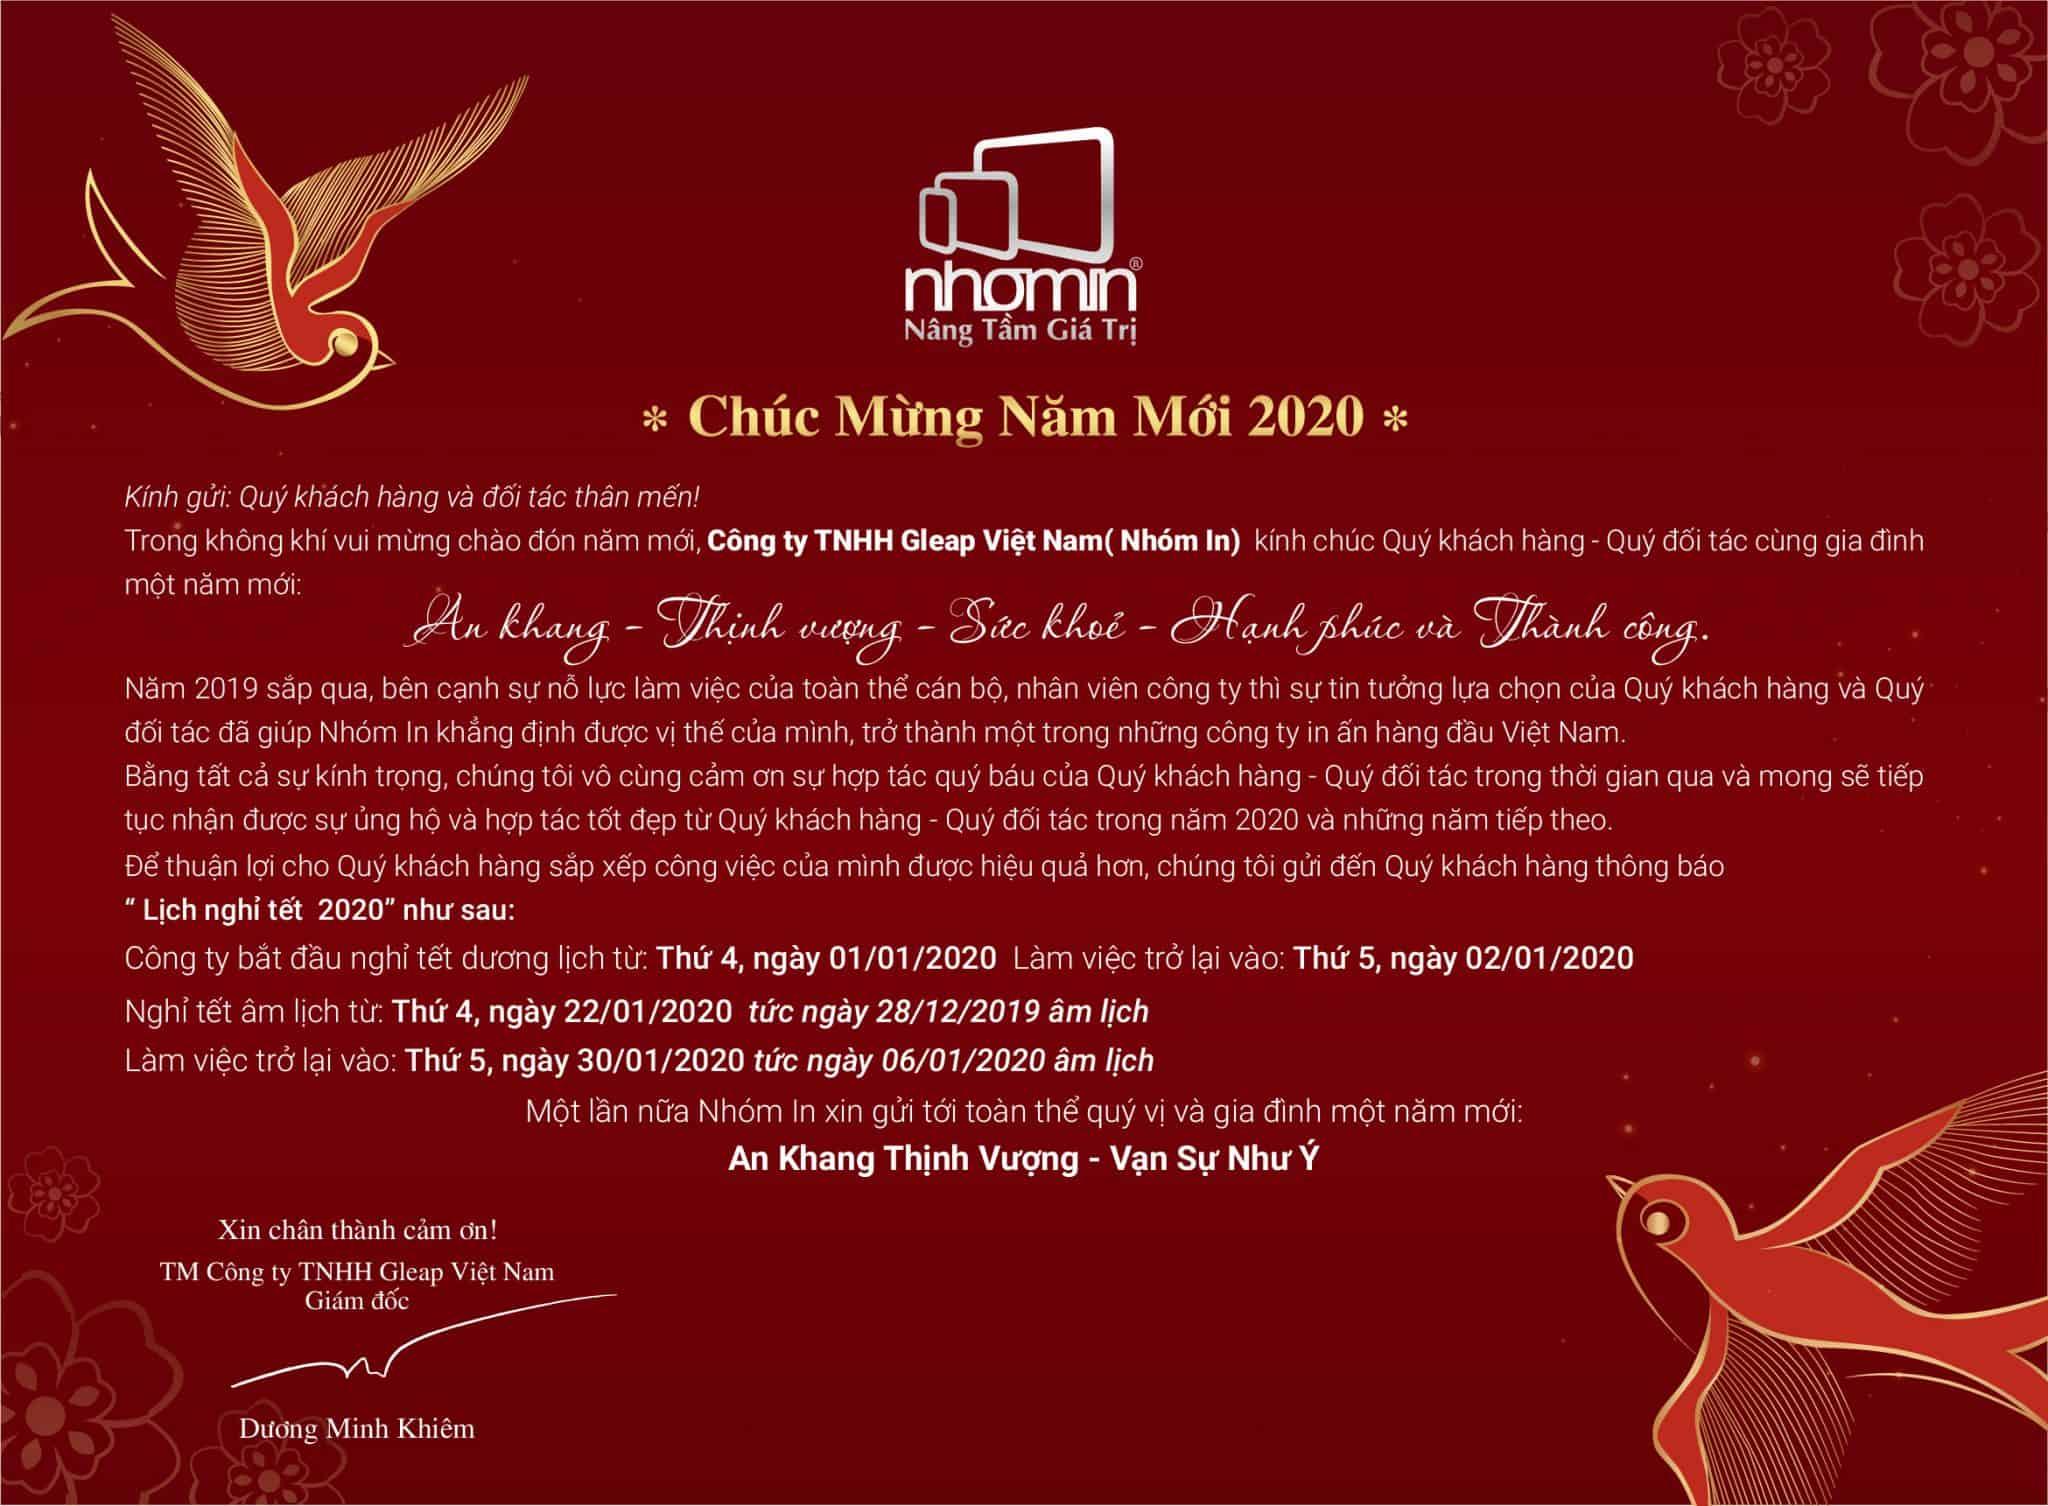 Thư chúc Tết và thông báo lịch nghỉ Tết Canh Tý 2020